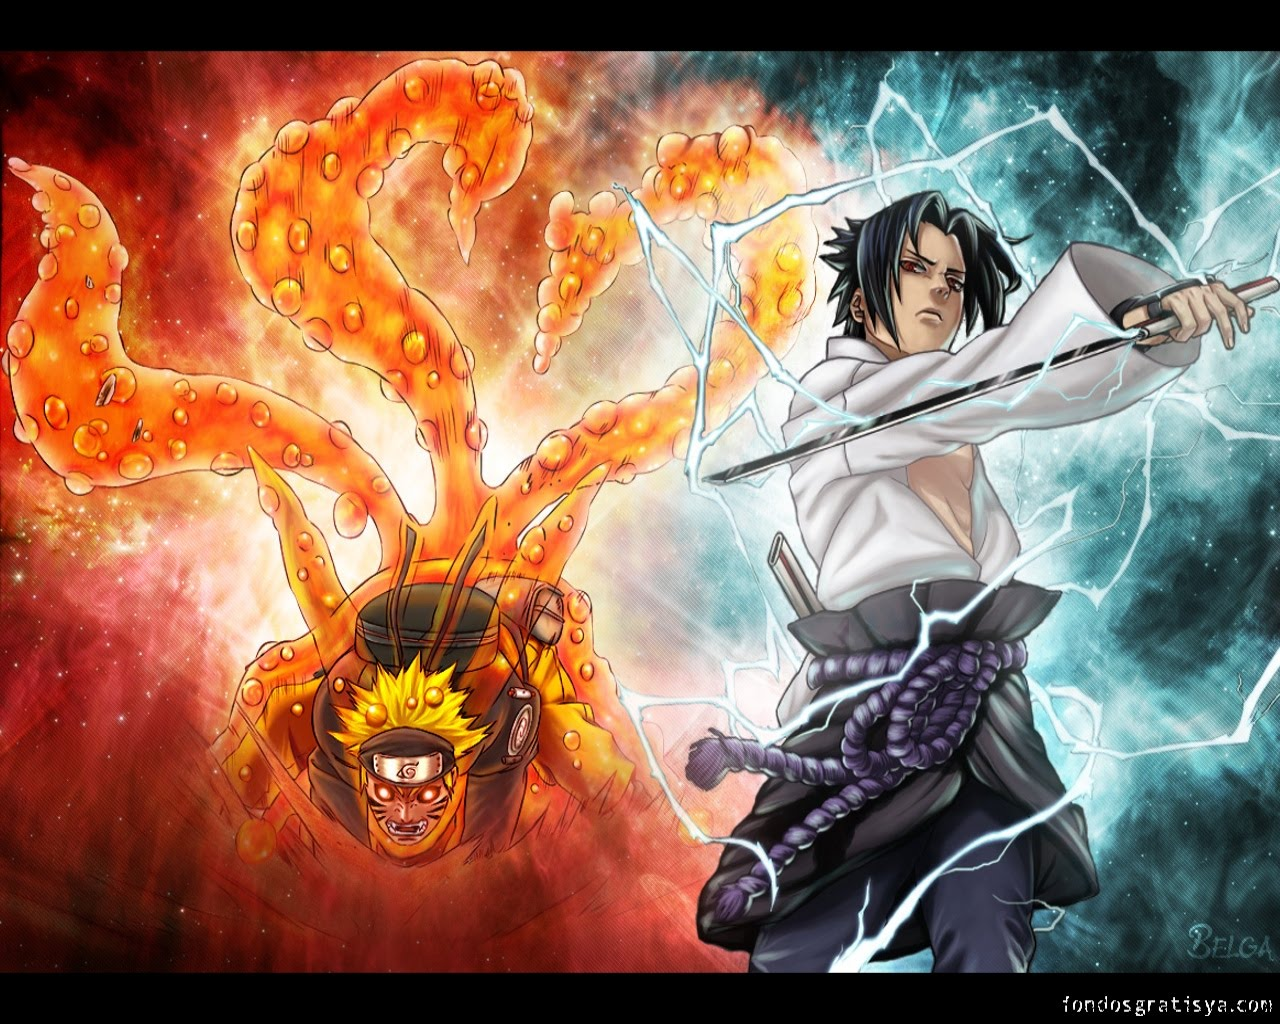 Download Mobile Wallpaper Cartoon Anime Naruto Free Jls